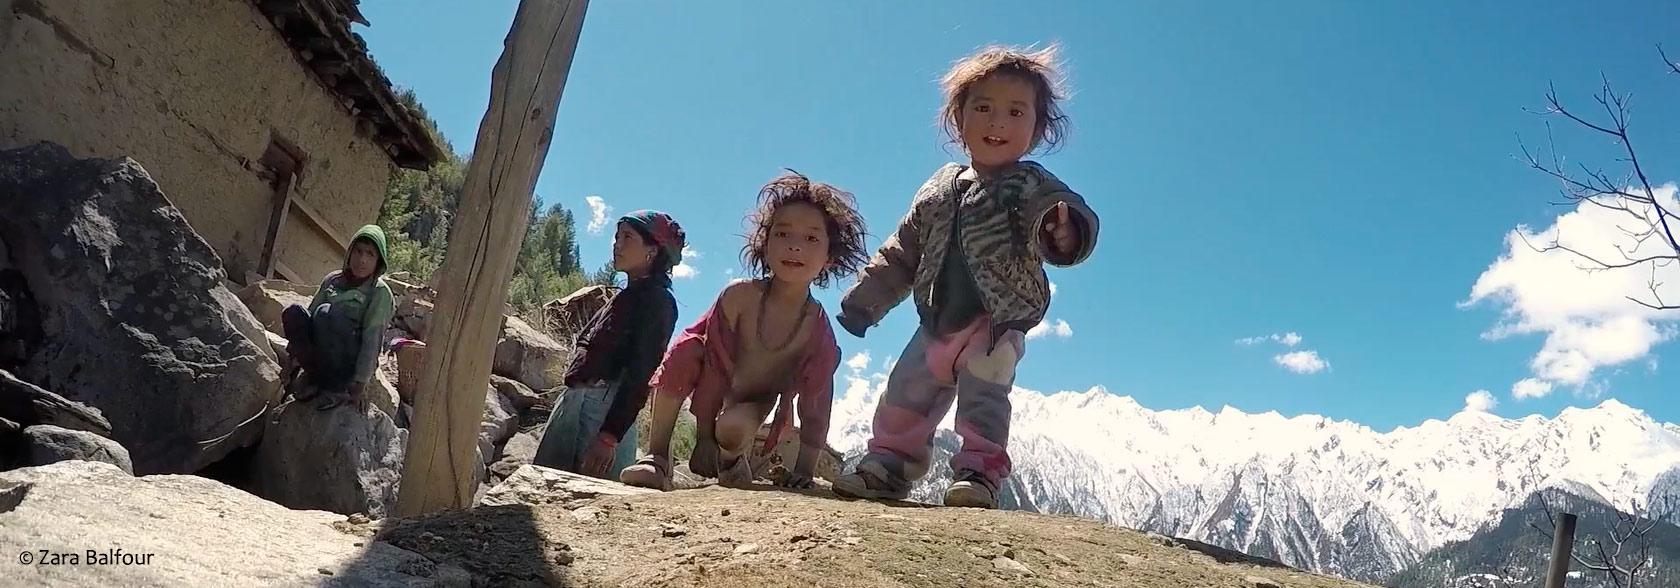 Les enfants du pays des neiges - Zara Balfour-Marcus Stephenson